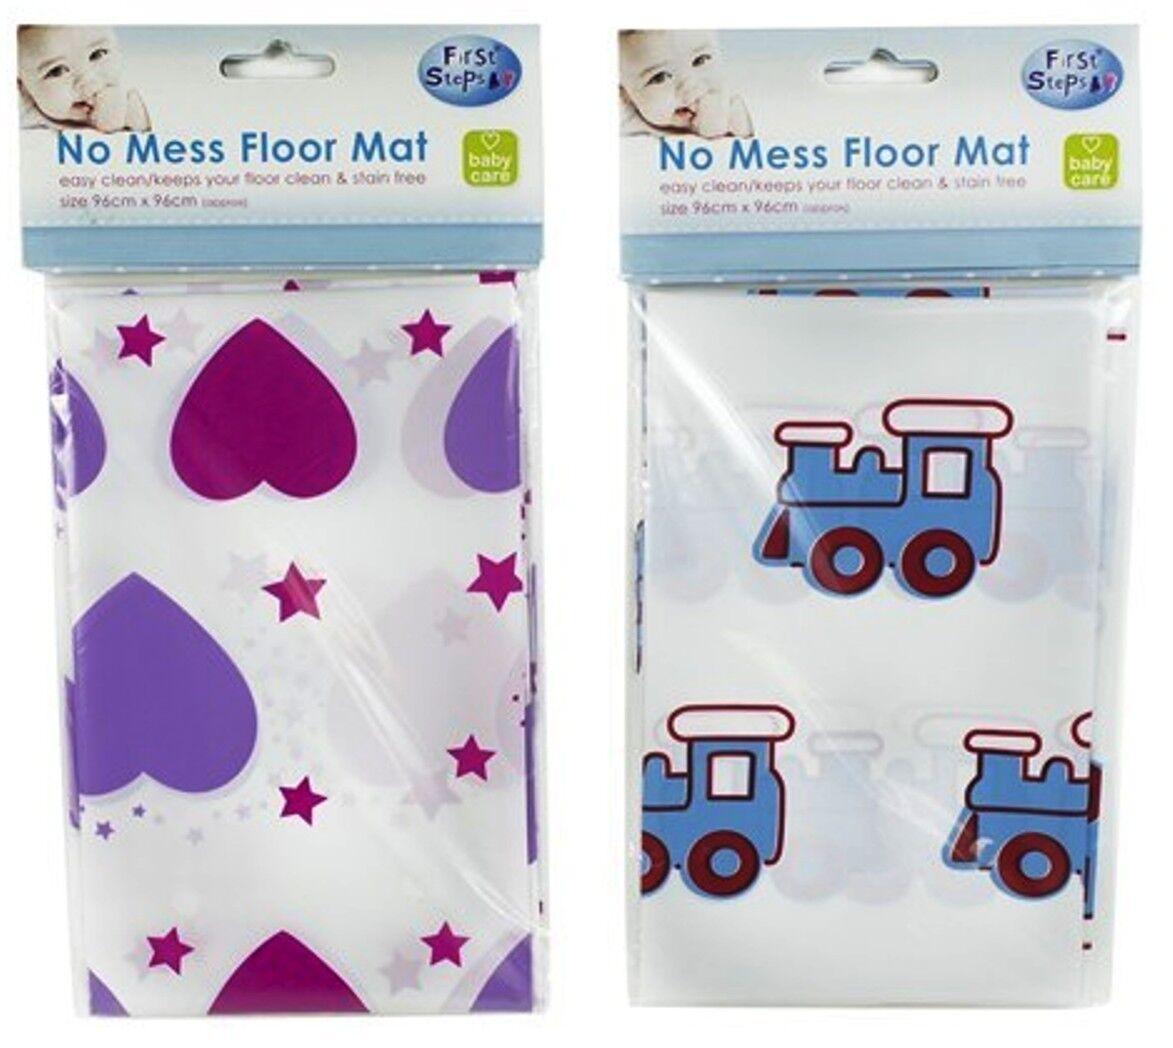 NEU erste Stufen Kinder Kleinkinder Hochstuhl Babynahrung kein Schmutz Fußboden